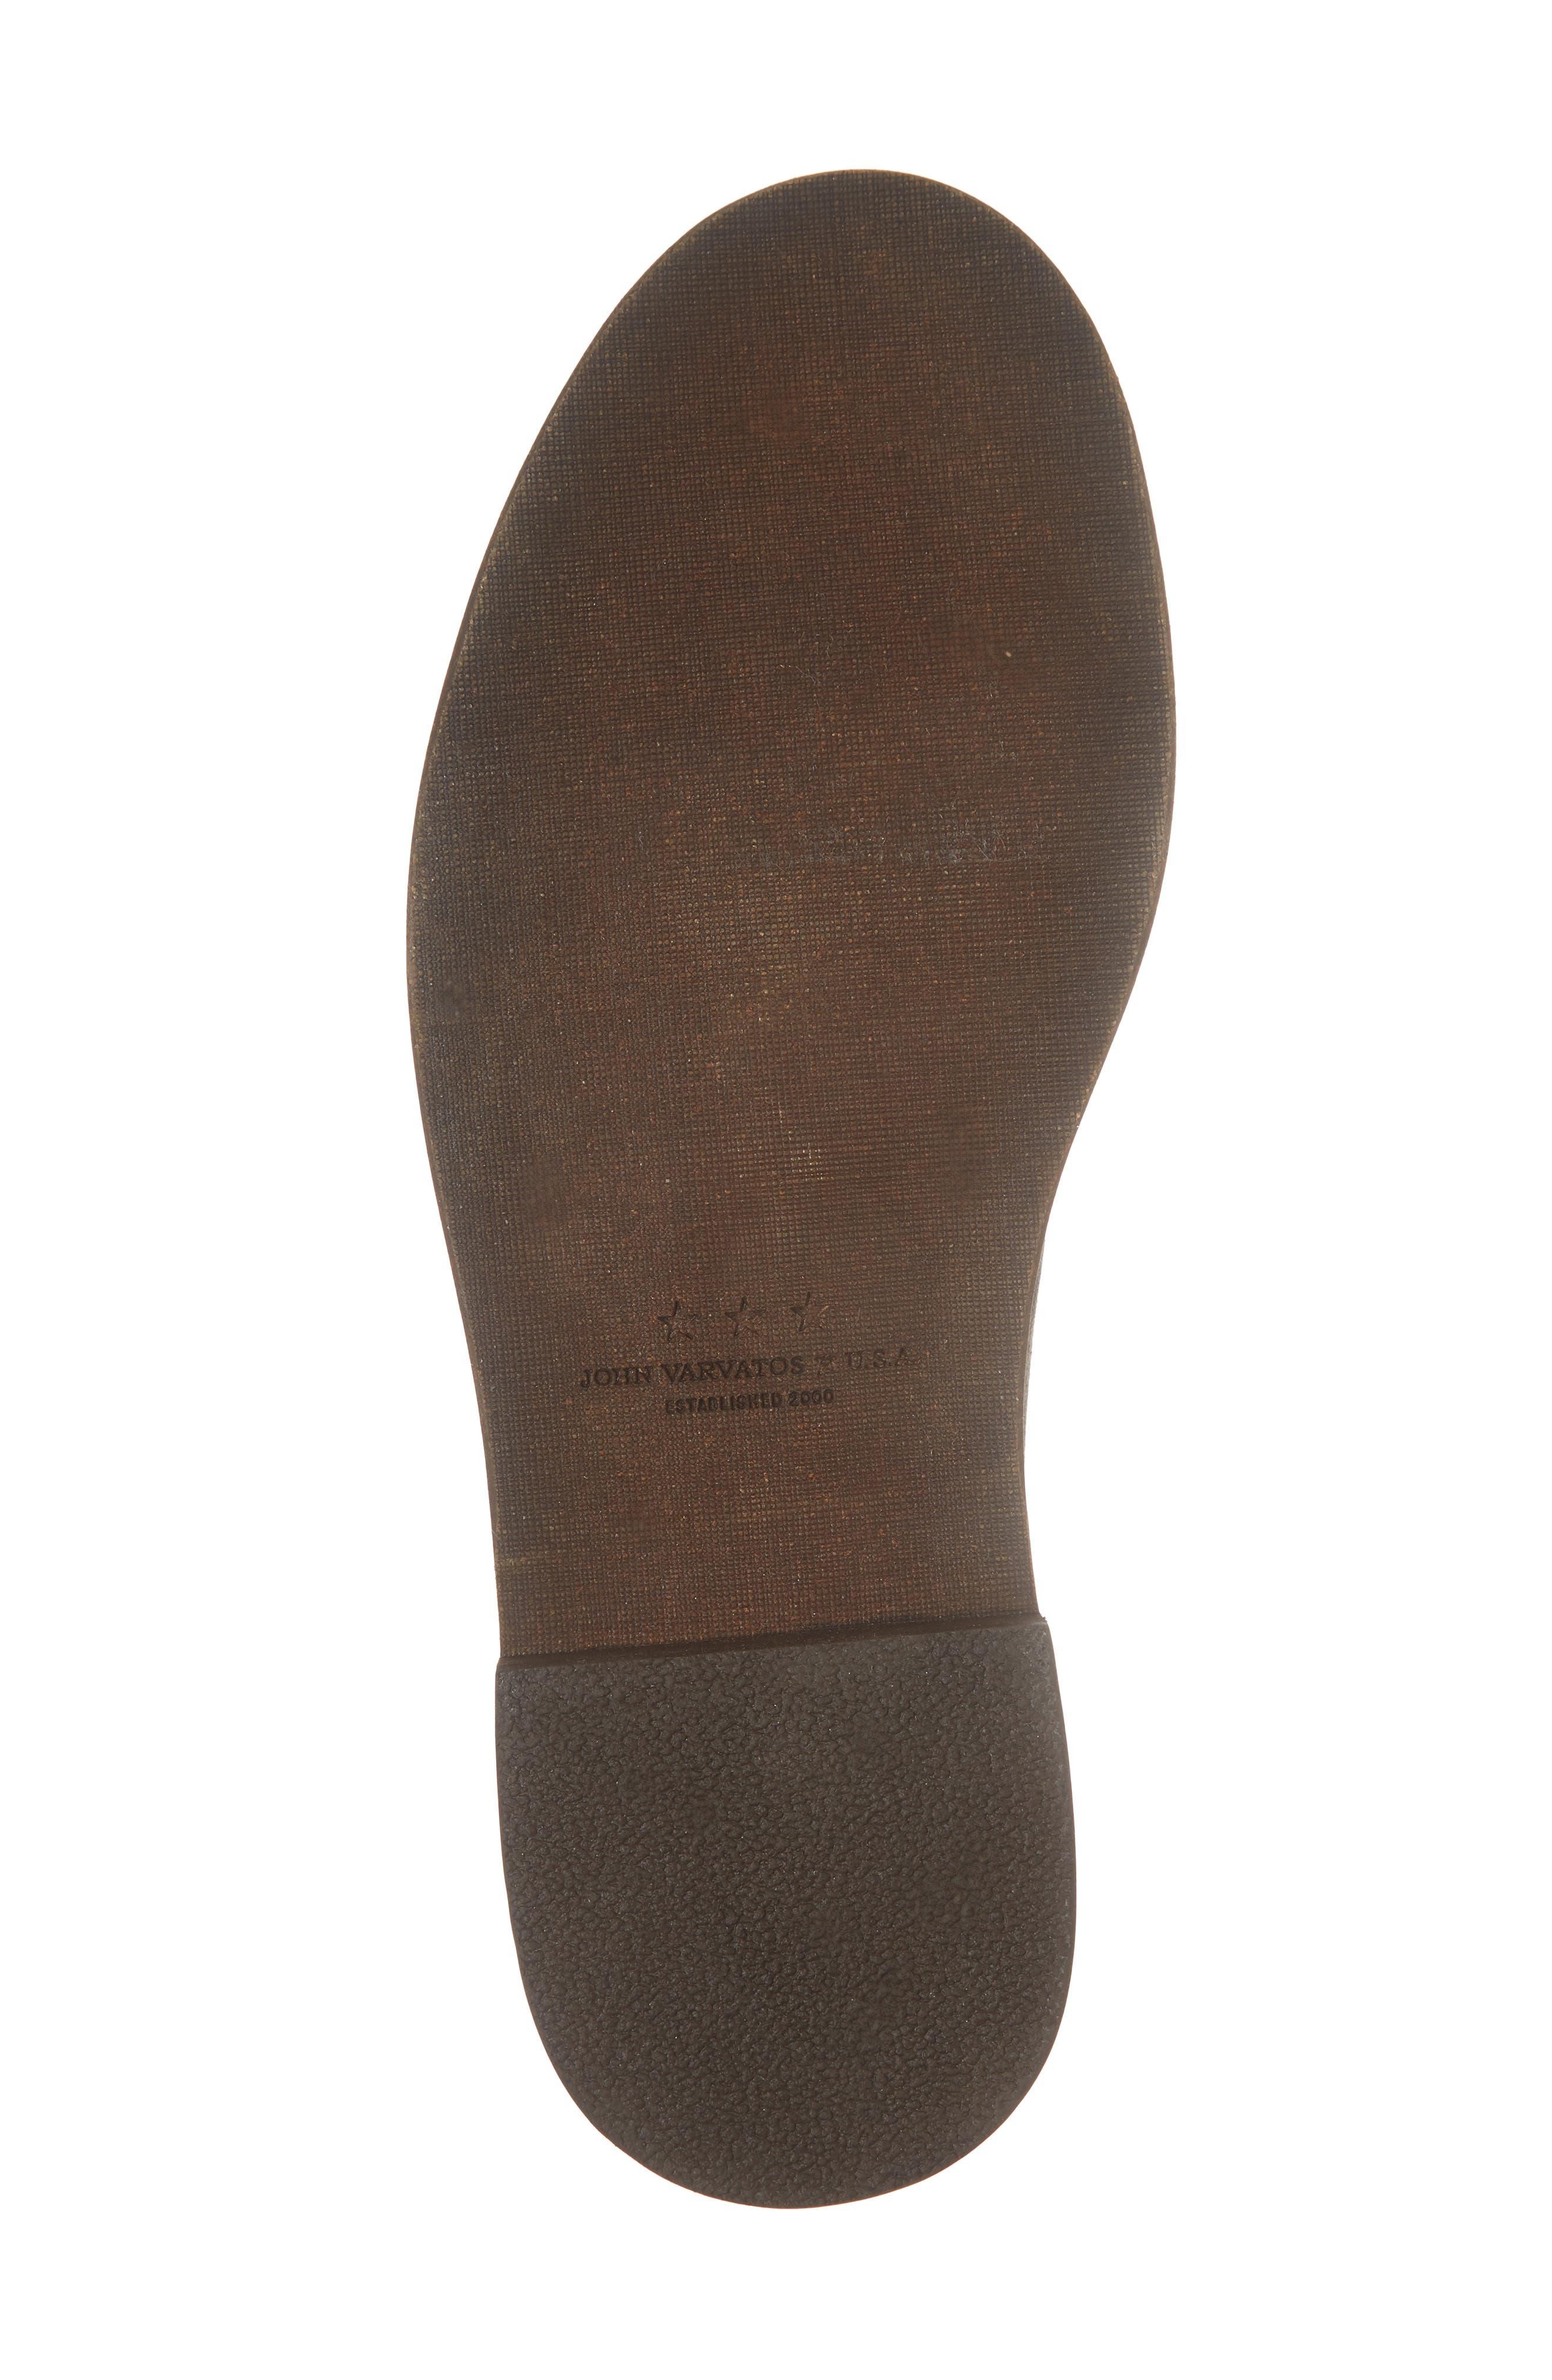 Plain Toe Chukka Boot,                             Alternate thumbnail 6, color,                             023